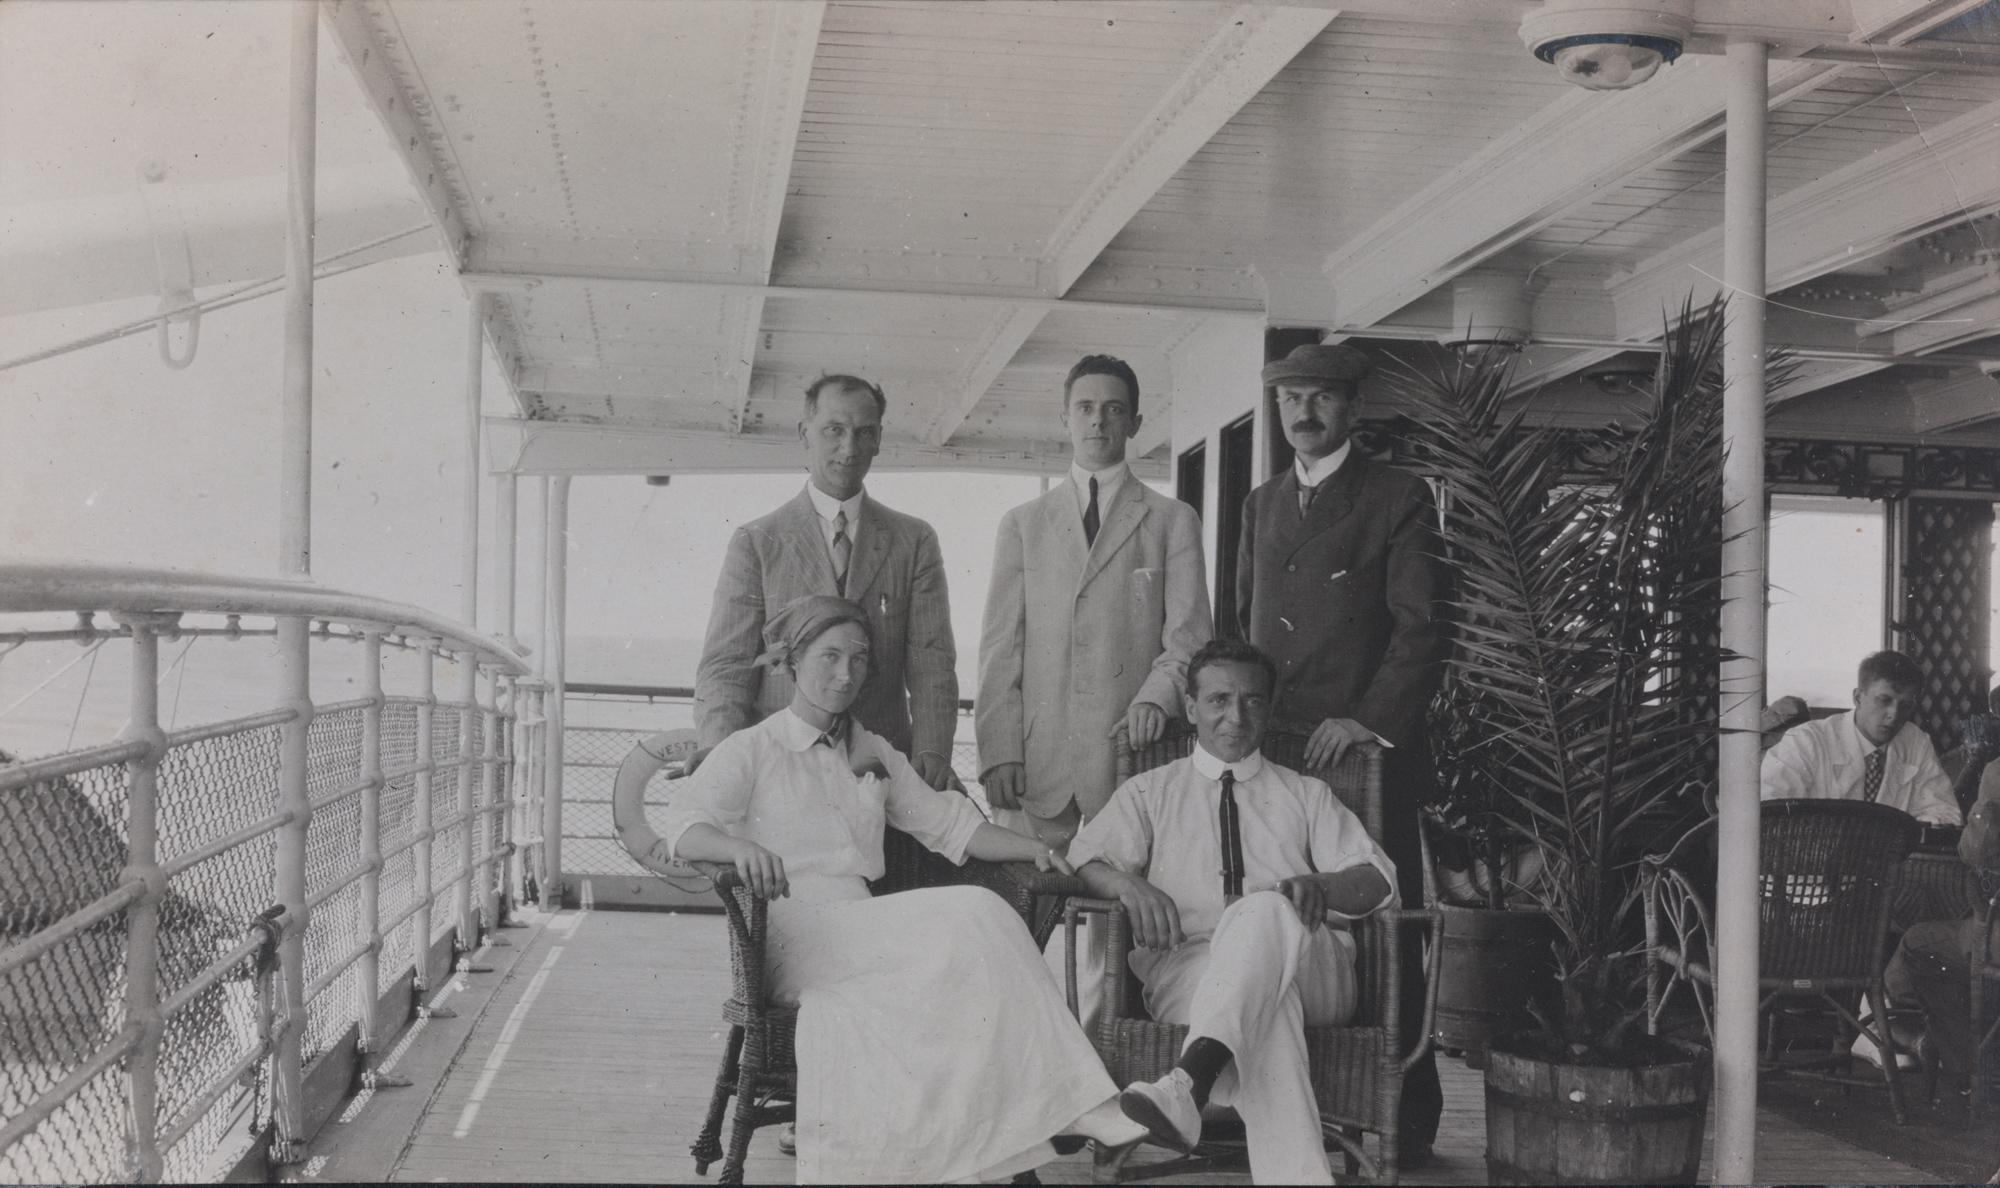 Waterman, seated, met Otto Haas